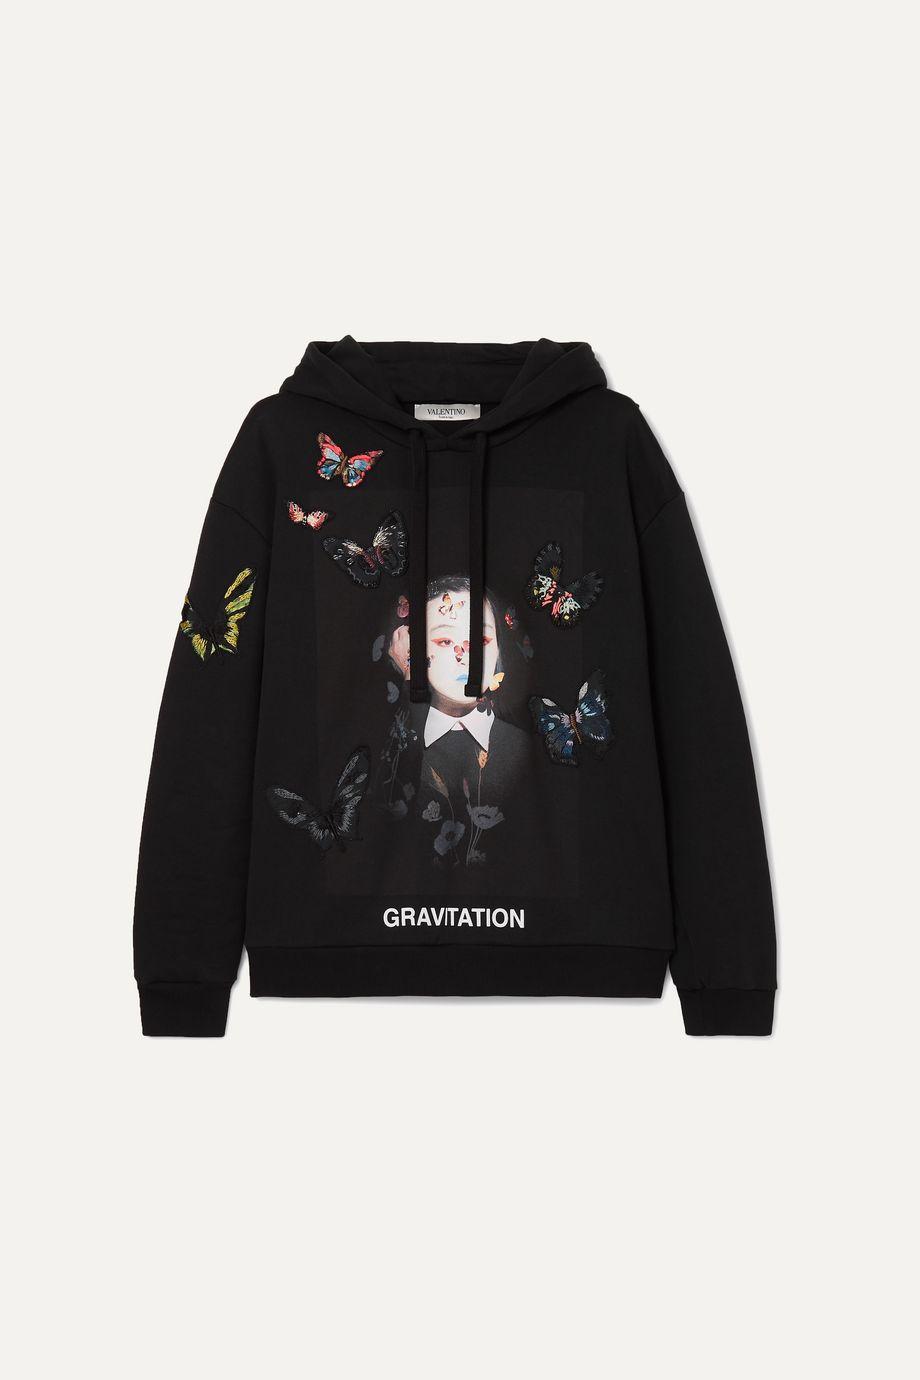 Valentino + Izumi Miyazaki Gravitation printed appliquéd cotton-blend jersey hoodie